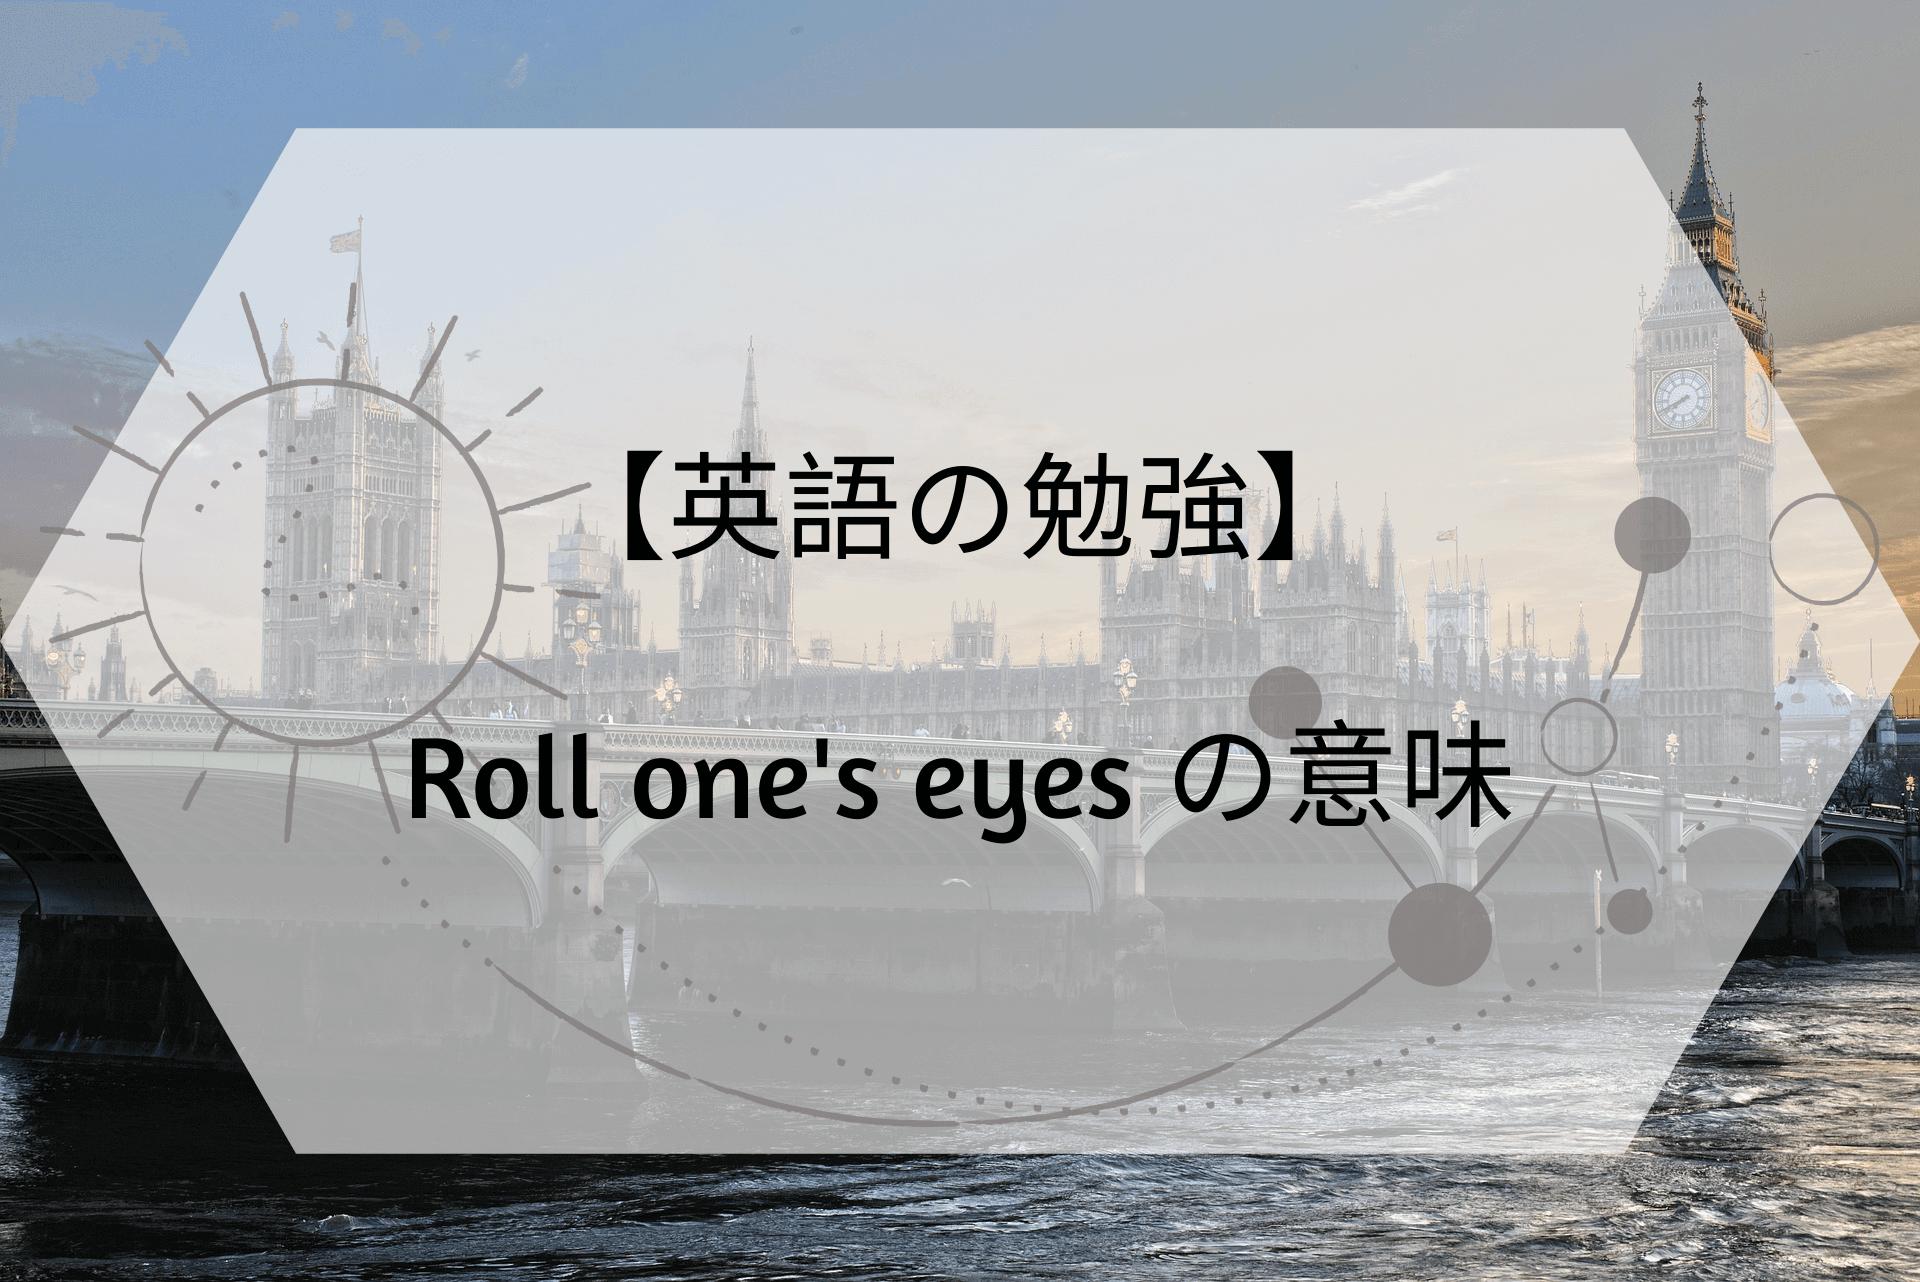 【英語の勉強】 Roll one's eyes の意味 (1)